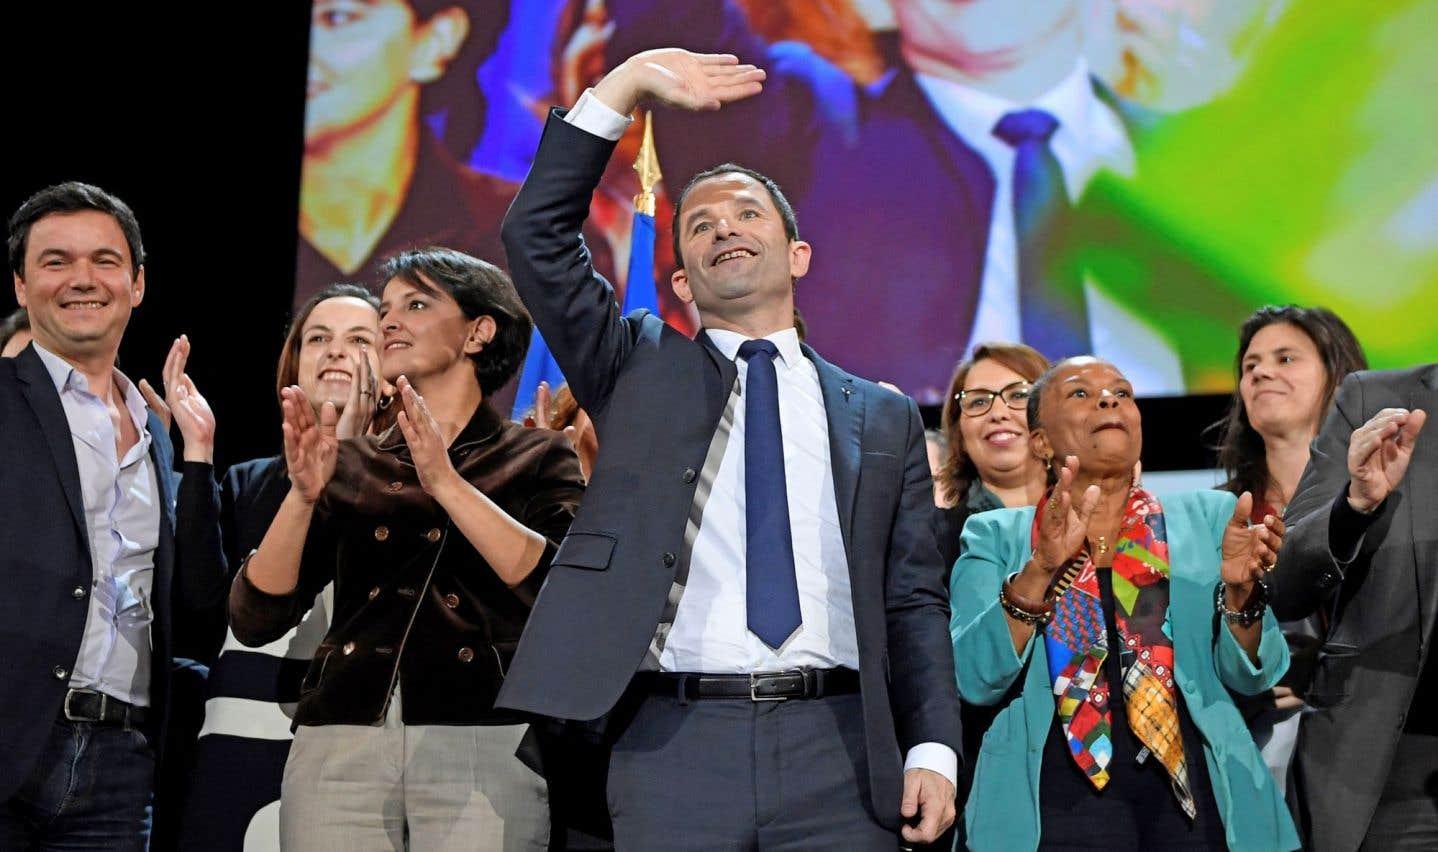 Le candidat socialiste, distancé, tente de relancer sa campagne